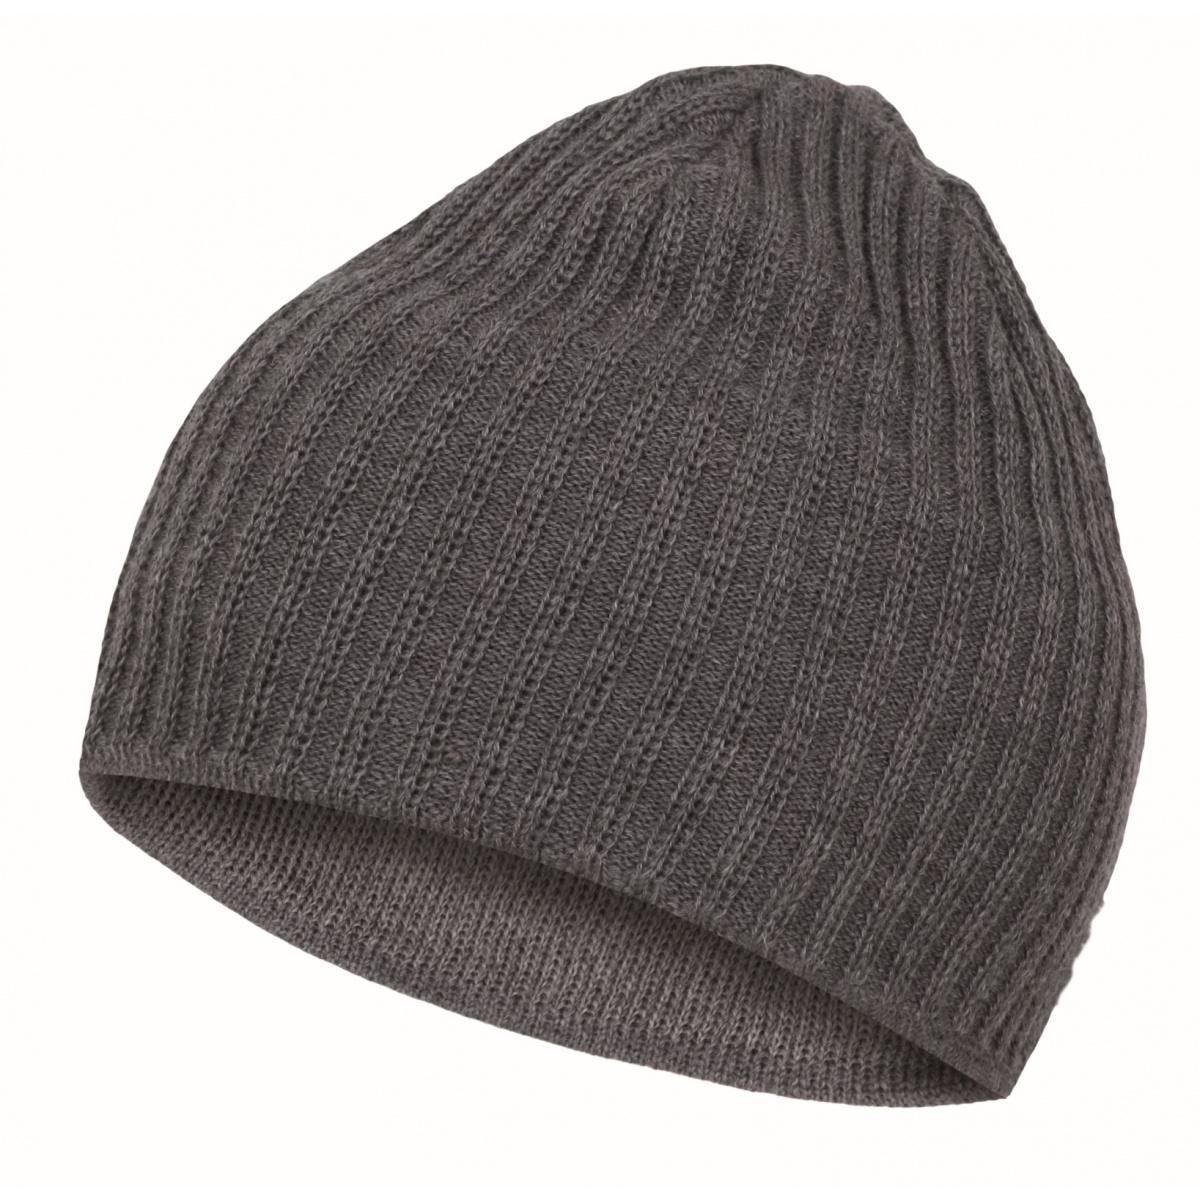 Pánská čepice - Cap 4 – šedá  1e0832a0bd